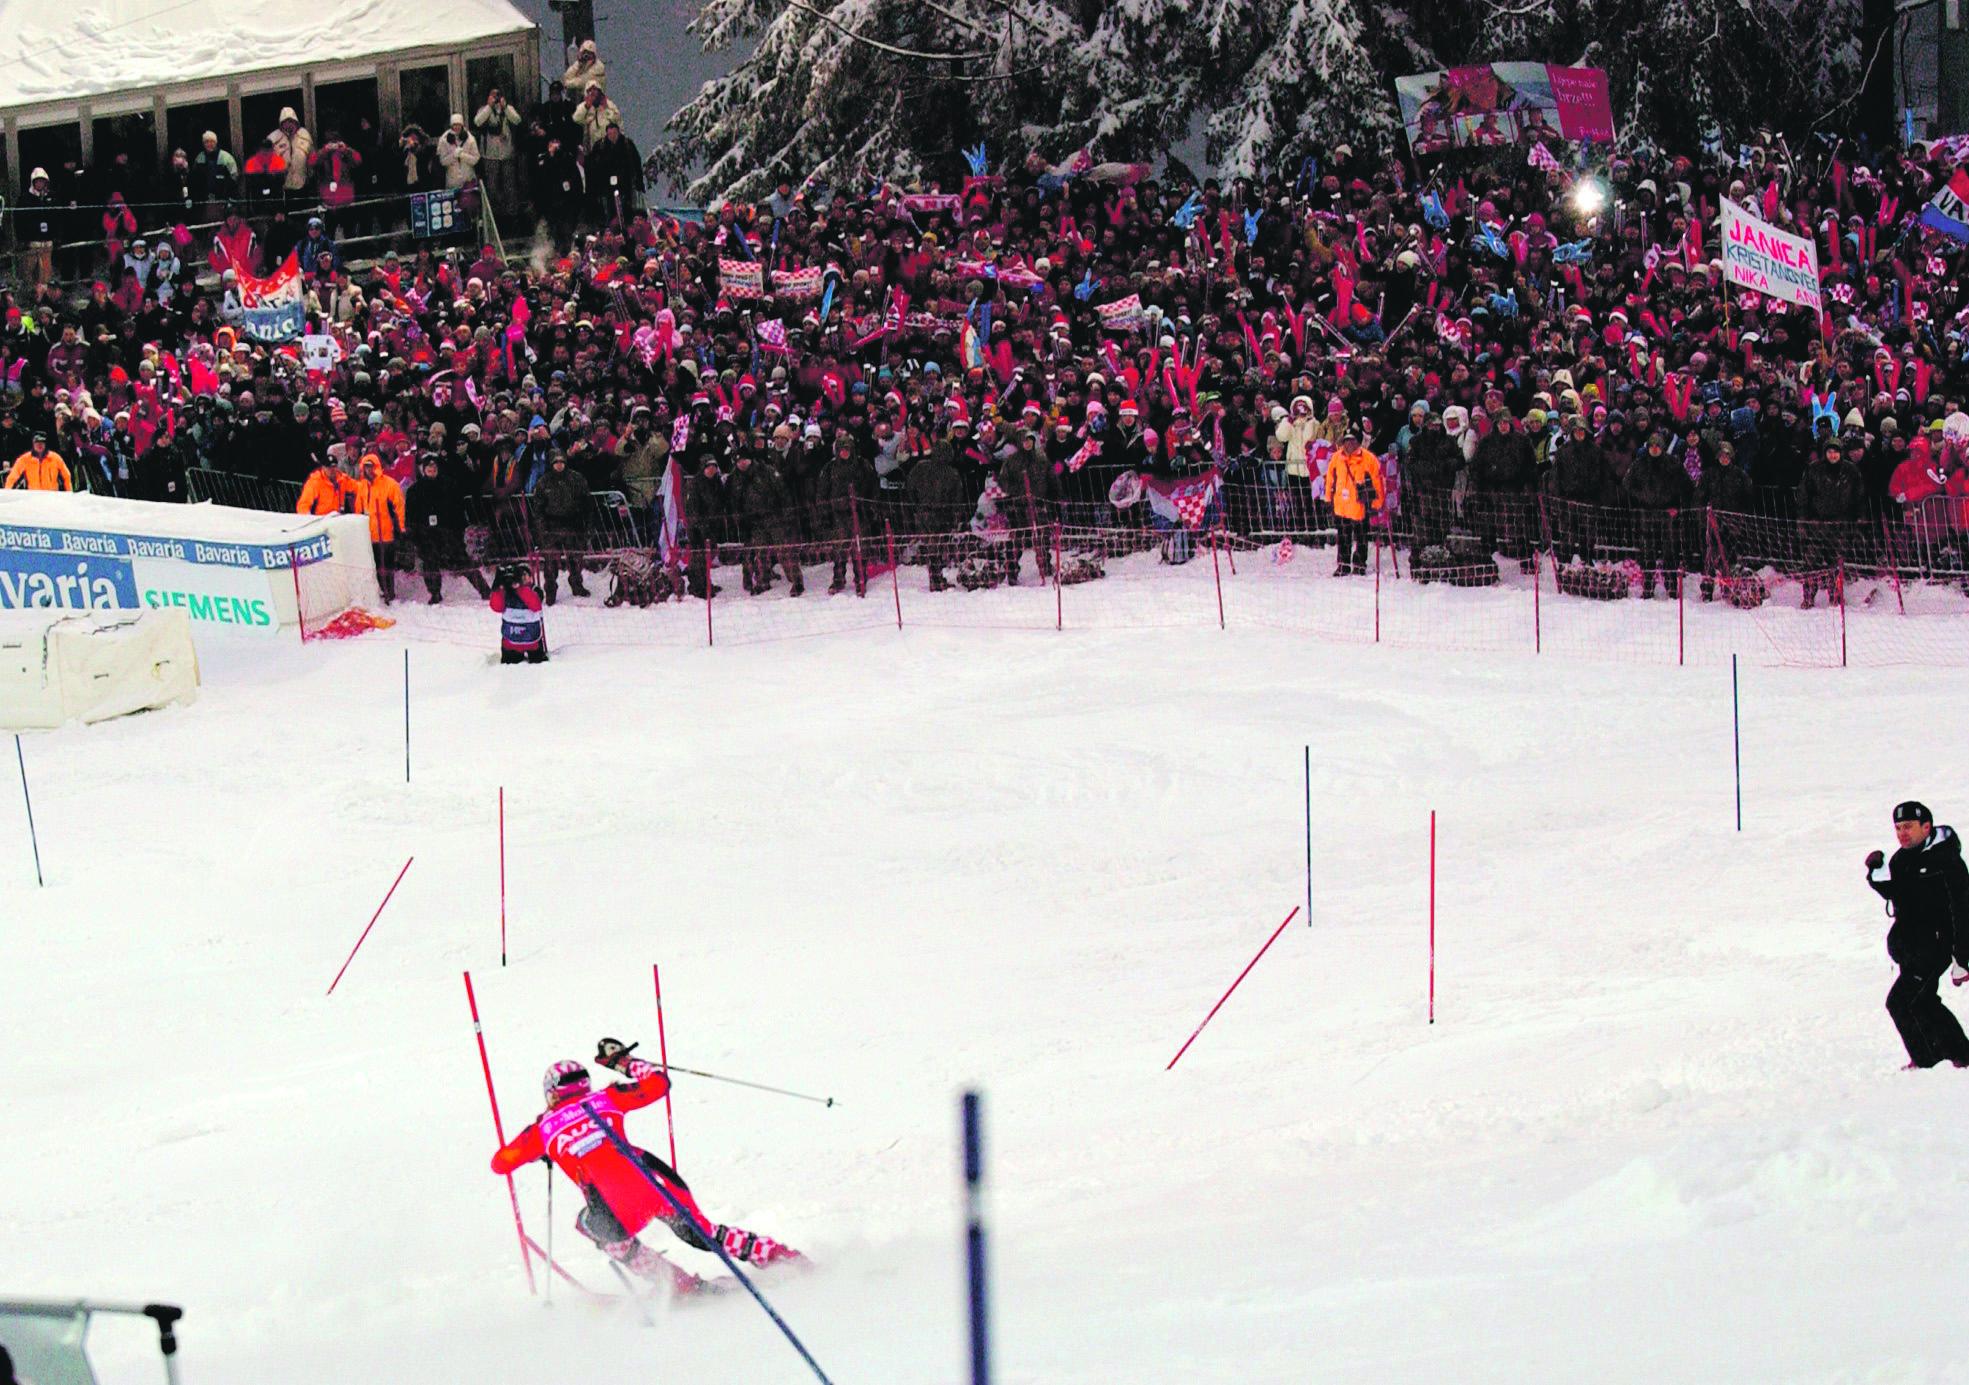 zagreb, 05012006 snjezna kraljica sljeme skijanje slalom staza janica kostelic pavlek foto:srdan vrancic -spo- -desk- -zag- -web-